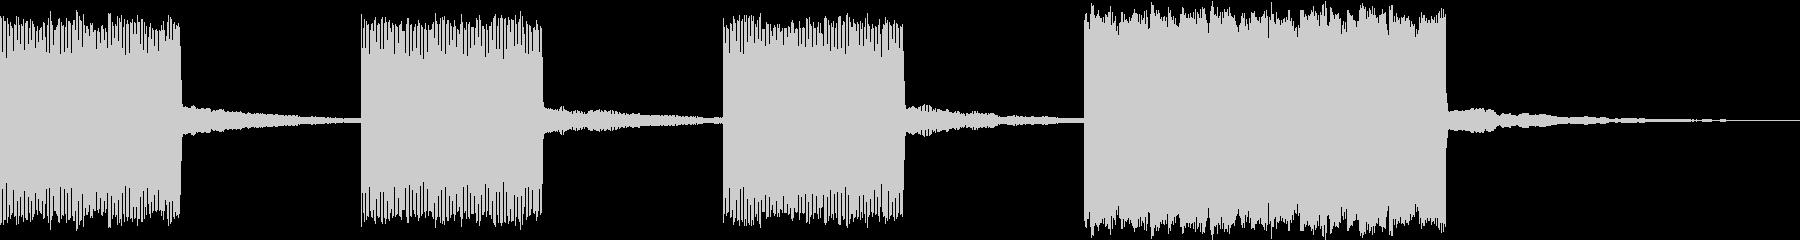 レーススタート合図音 カウントダウンの未再生の波形